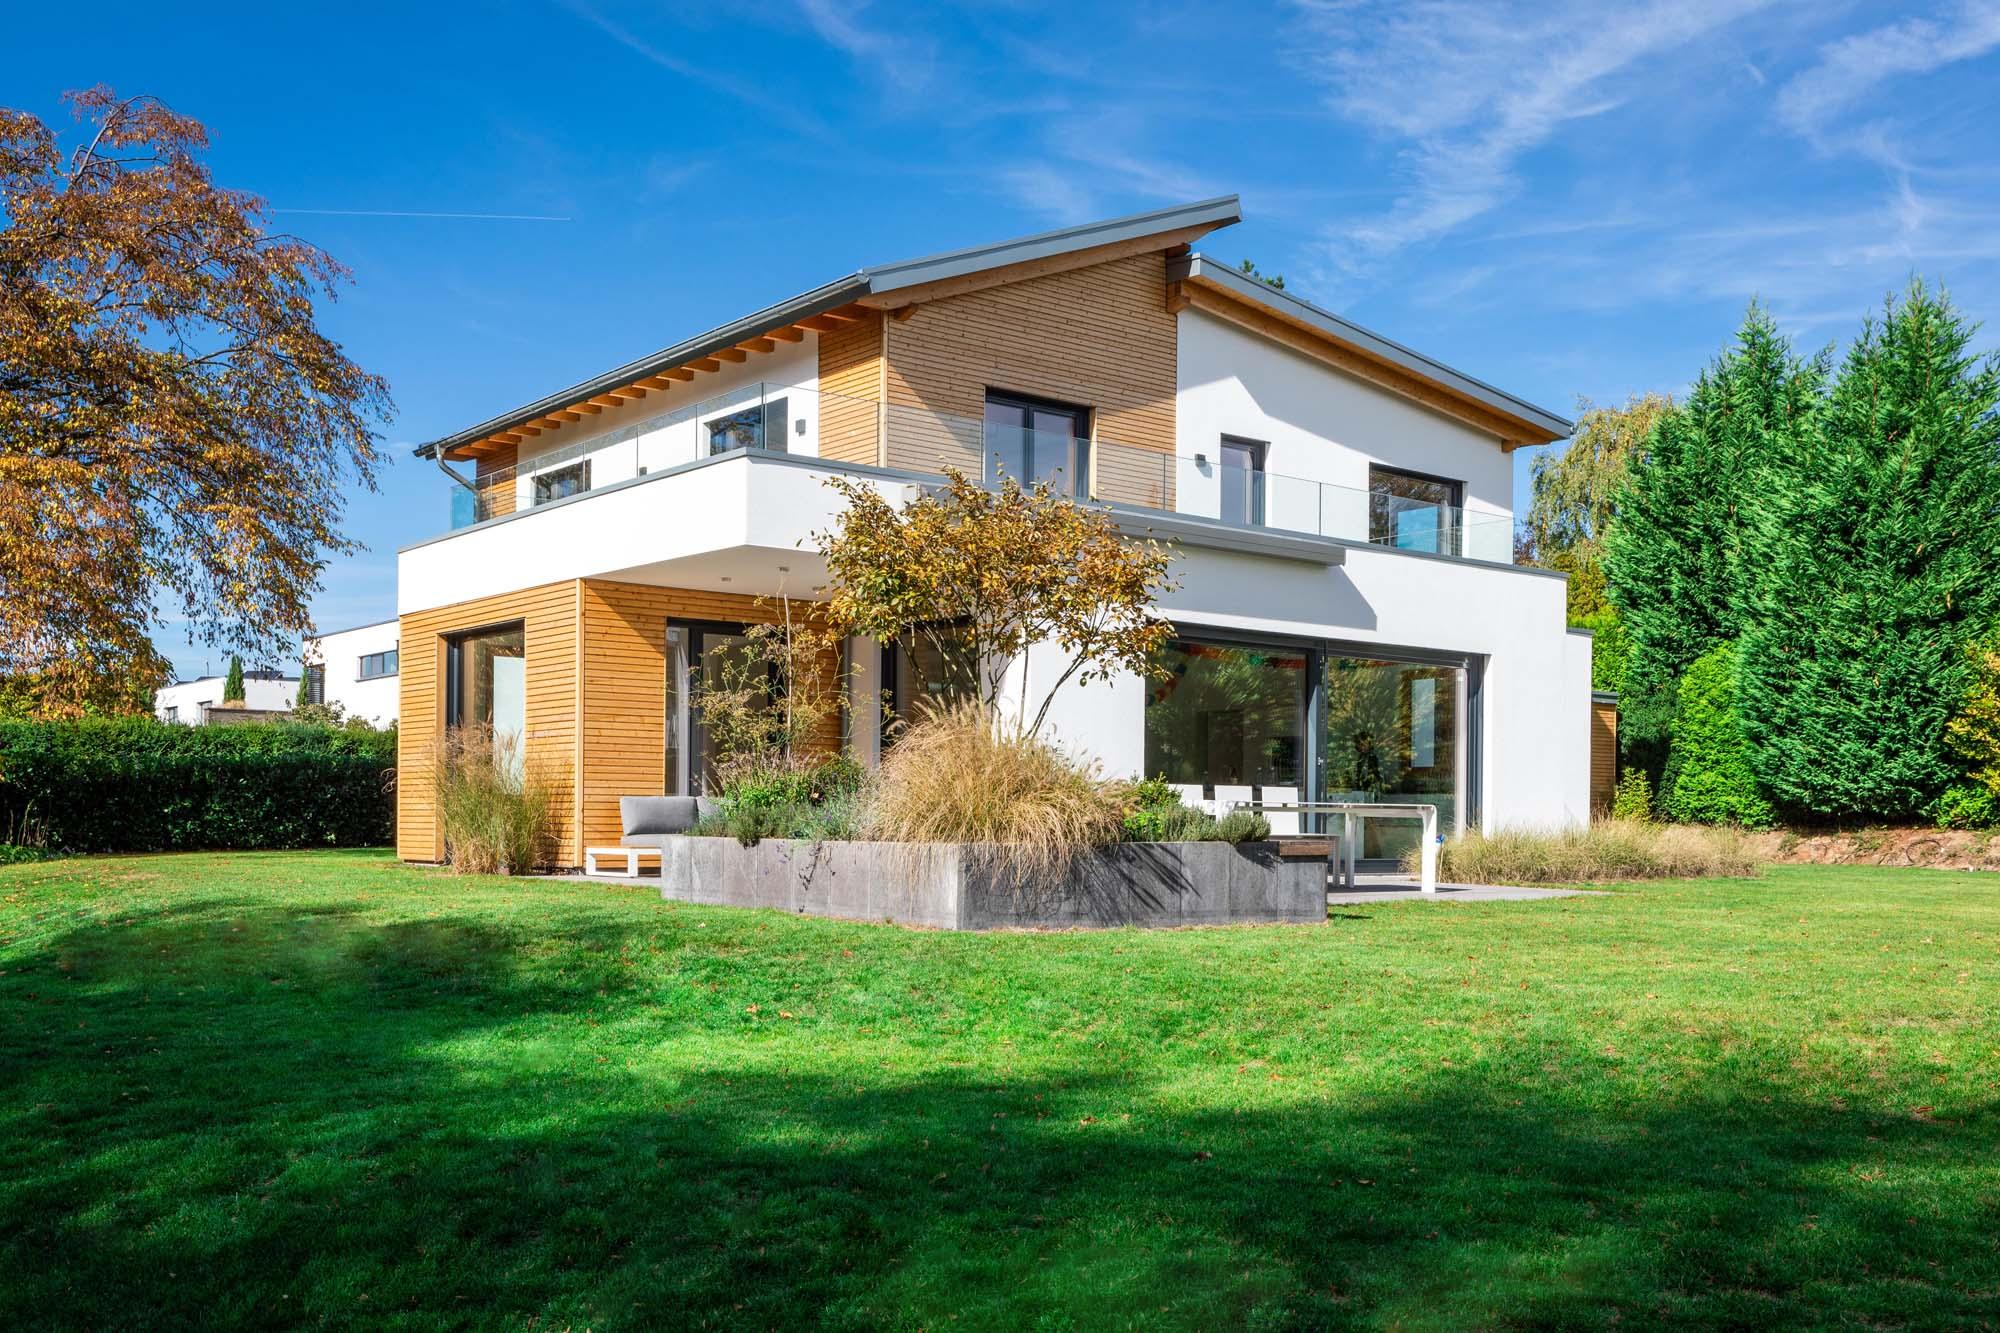 Landvilla mit Holzfassade vor großer Rasenfläche und Obstgarten